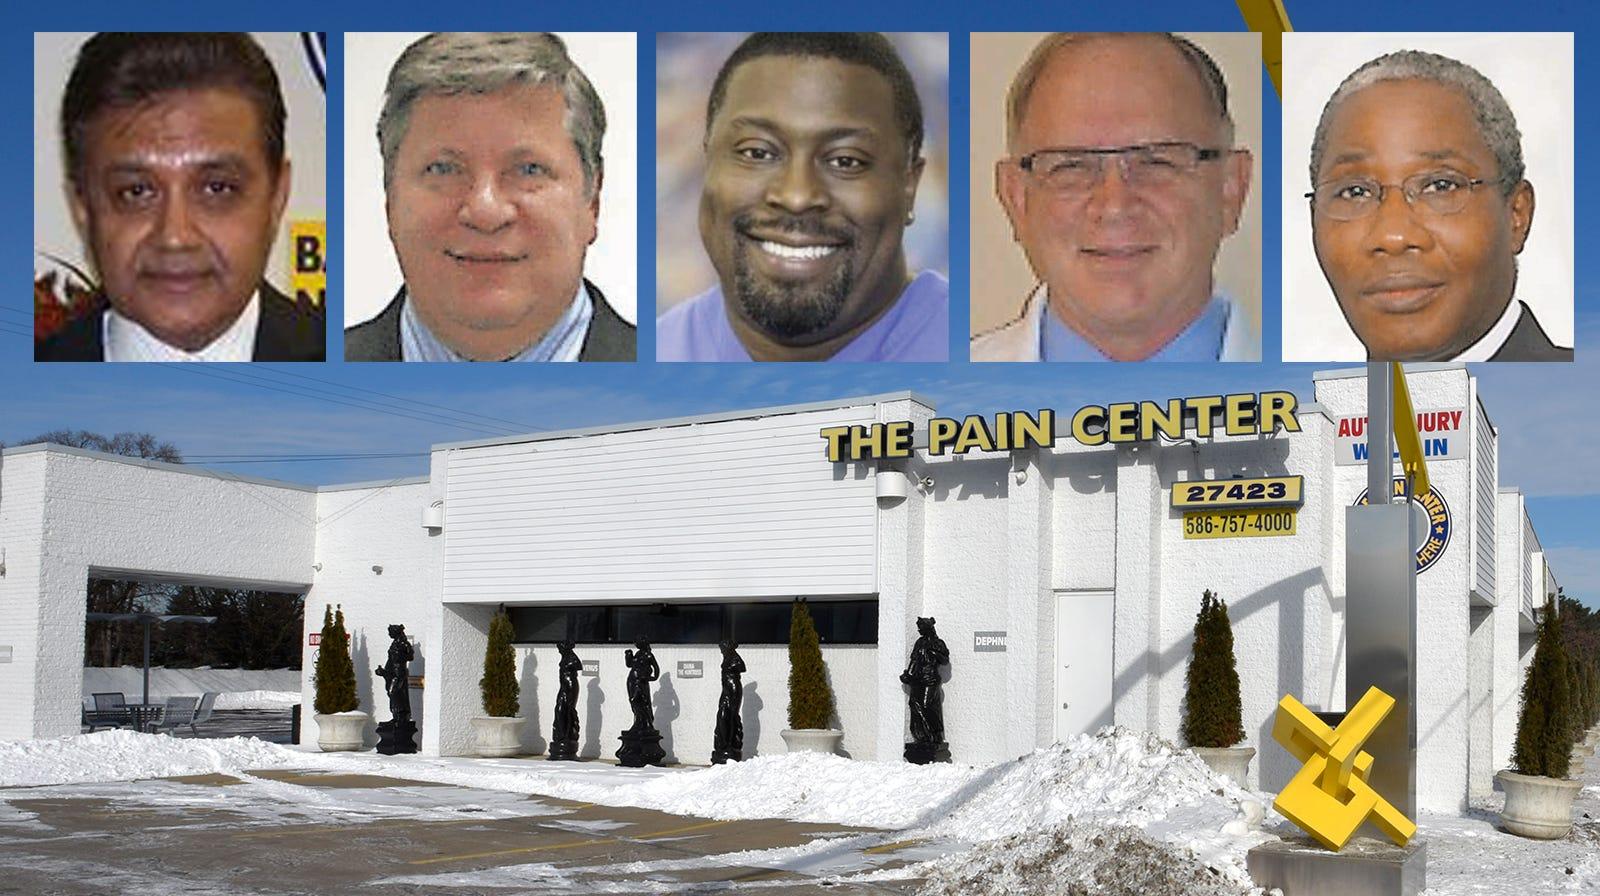 House of pain: Feds detail alleged 'pill mill' scheme at Warren pain center